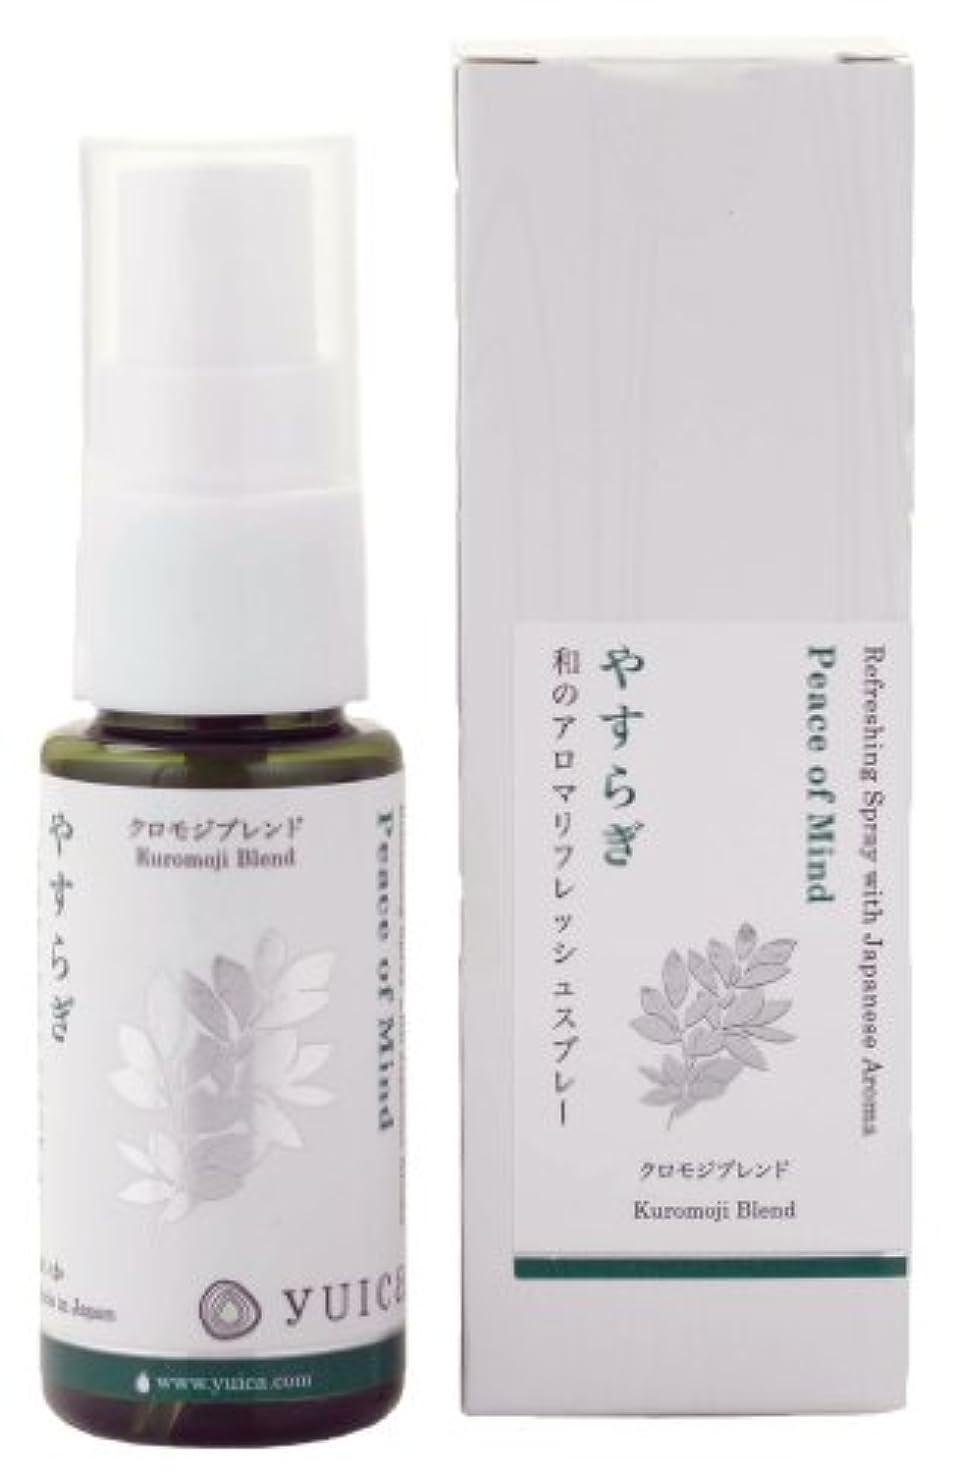 ふくろう解体する対yuica リフレッシュスプレー やすらぎの香り(クロモジベース) 30mL